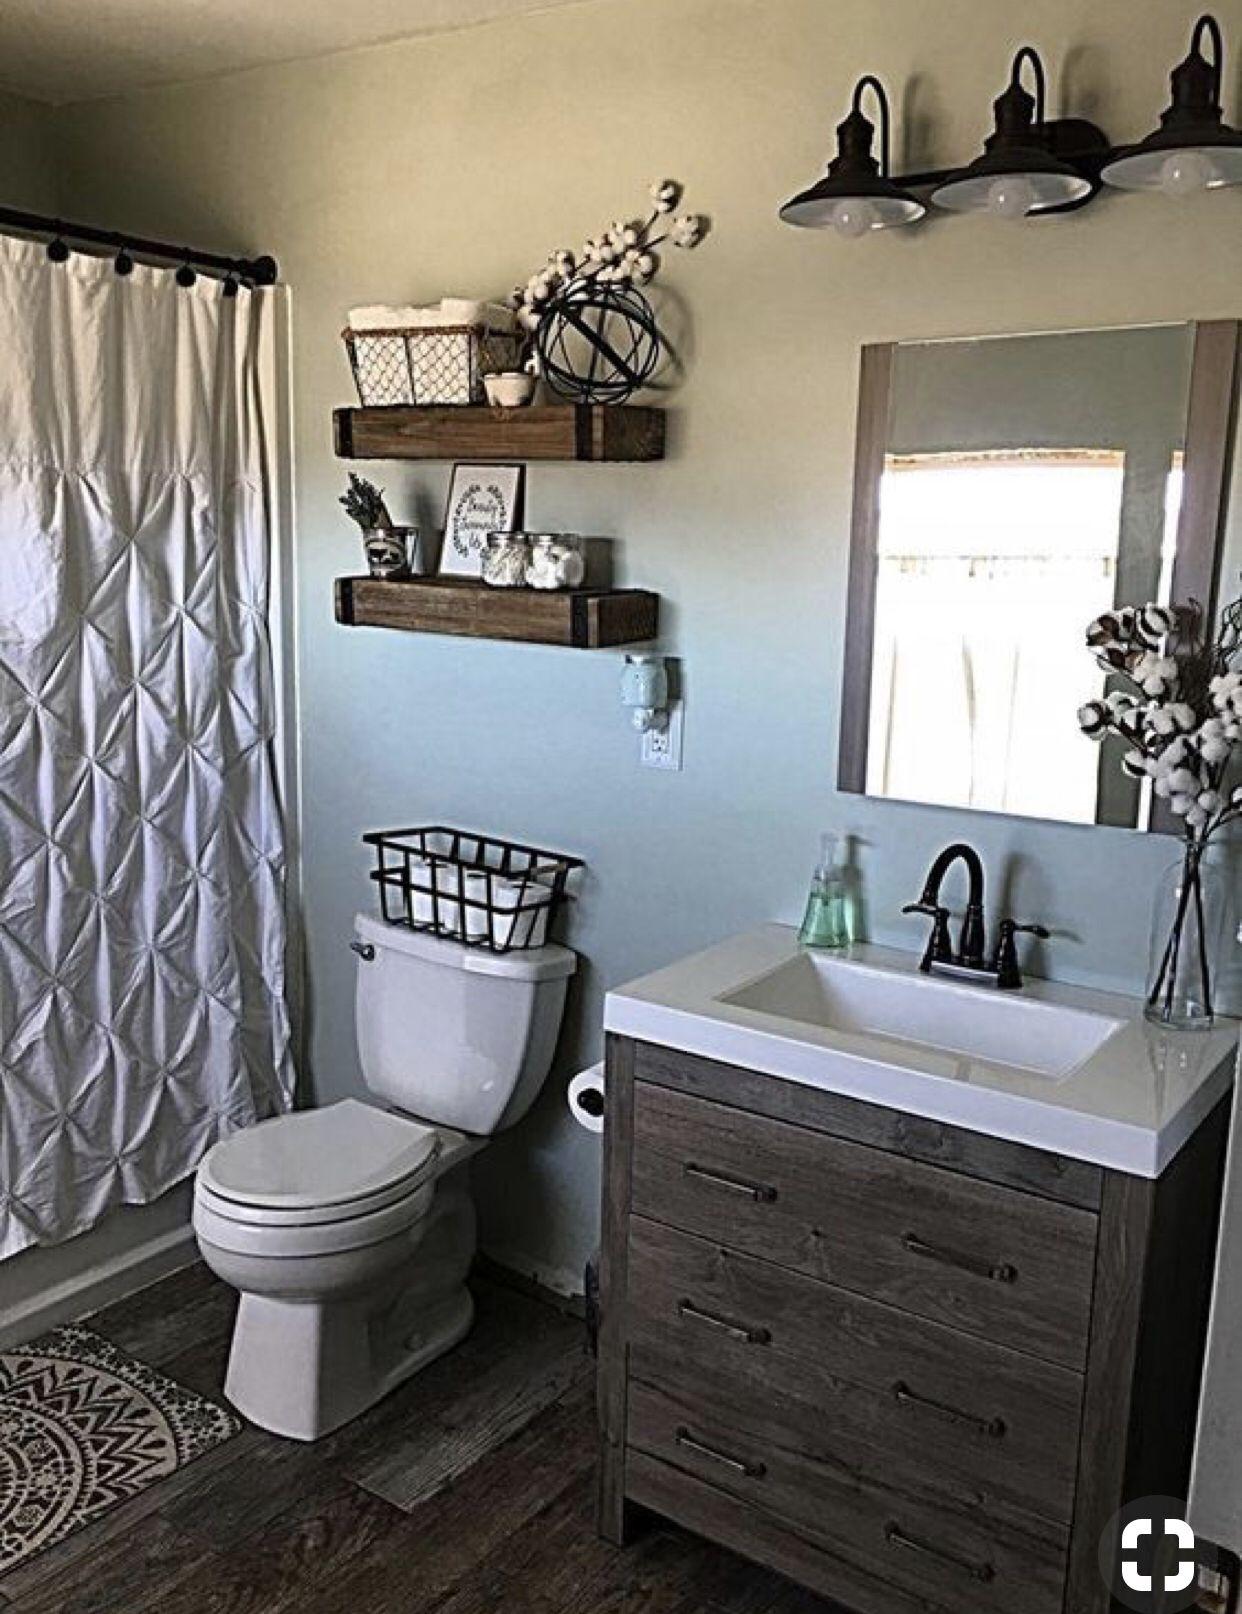 Masterbathroom Bathroom Makeovers On A Budget Small Master Bathroom Bathroom Design Small